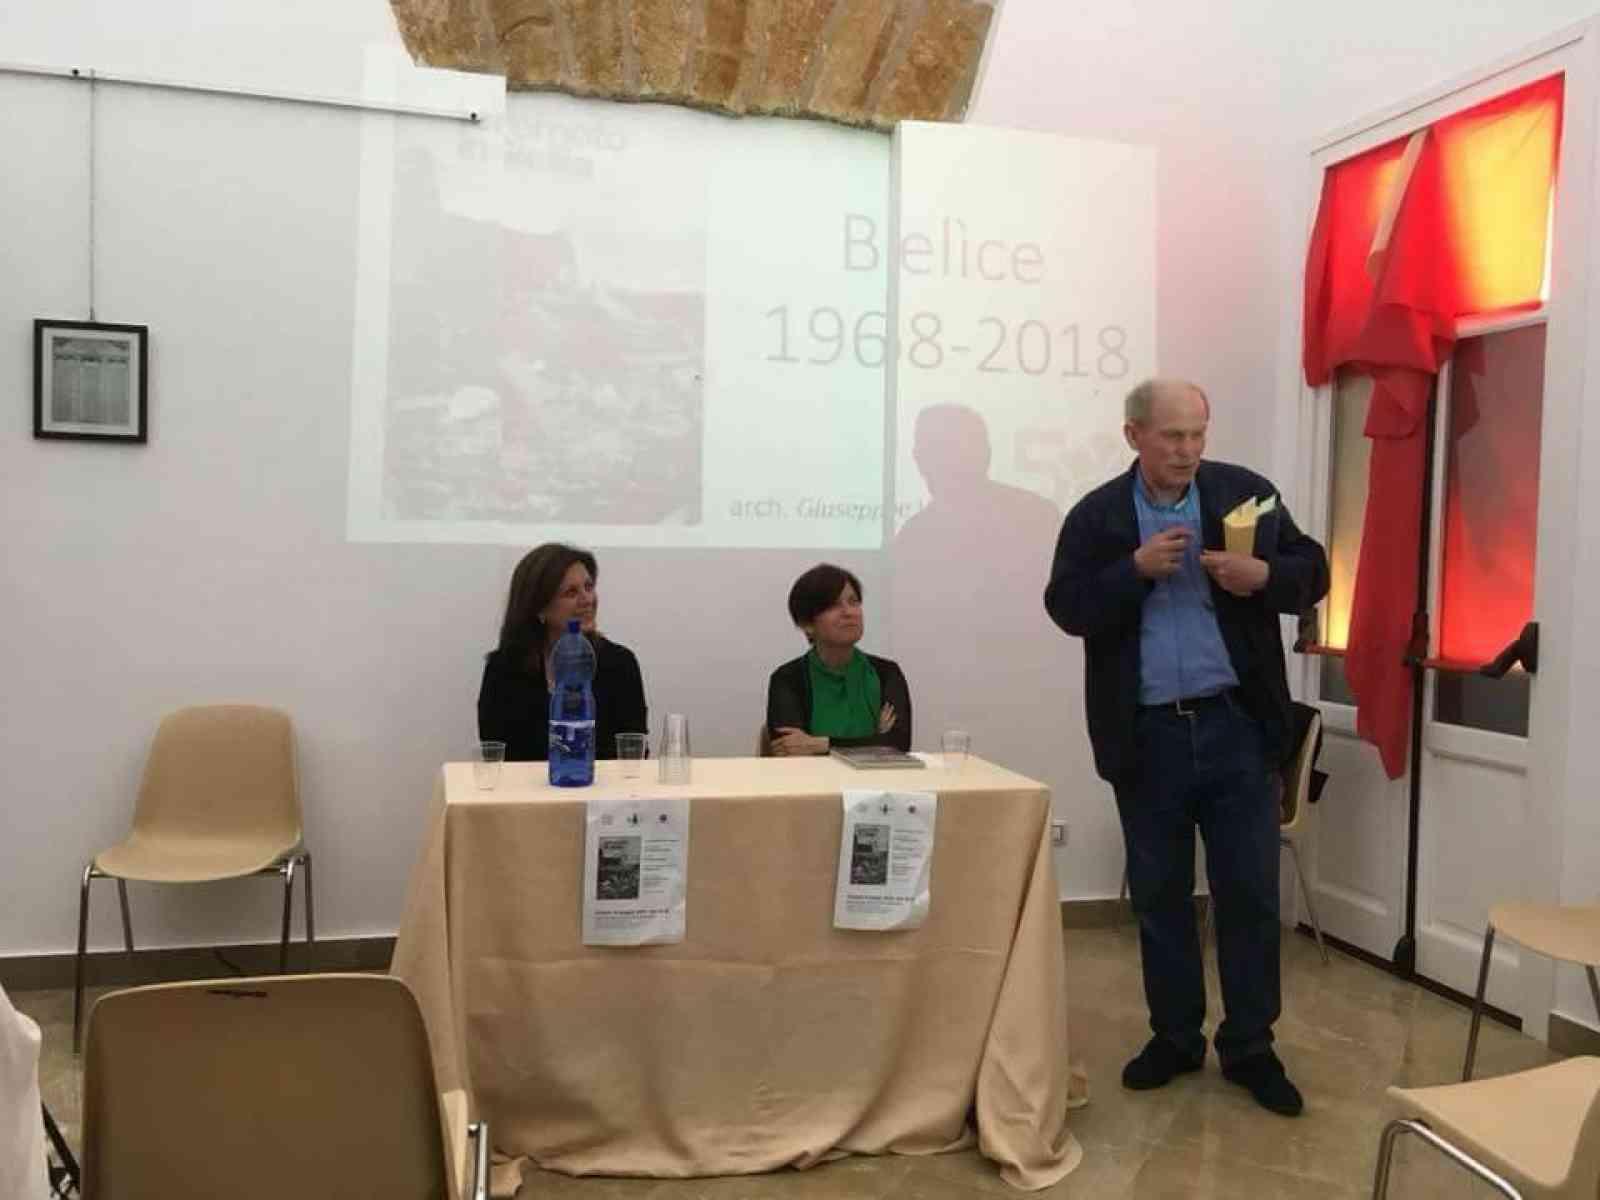 """Immagine articolo: Montevago non dimentica. Presentato il libro di Giuseppe Carlo Marino """"'68, terremoto in Sicilia 50 anni dopo"""""""